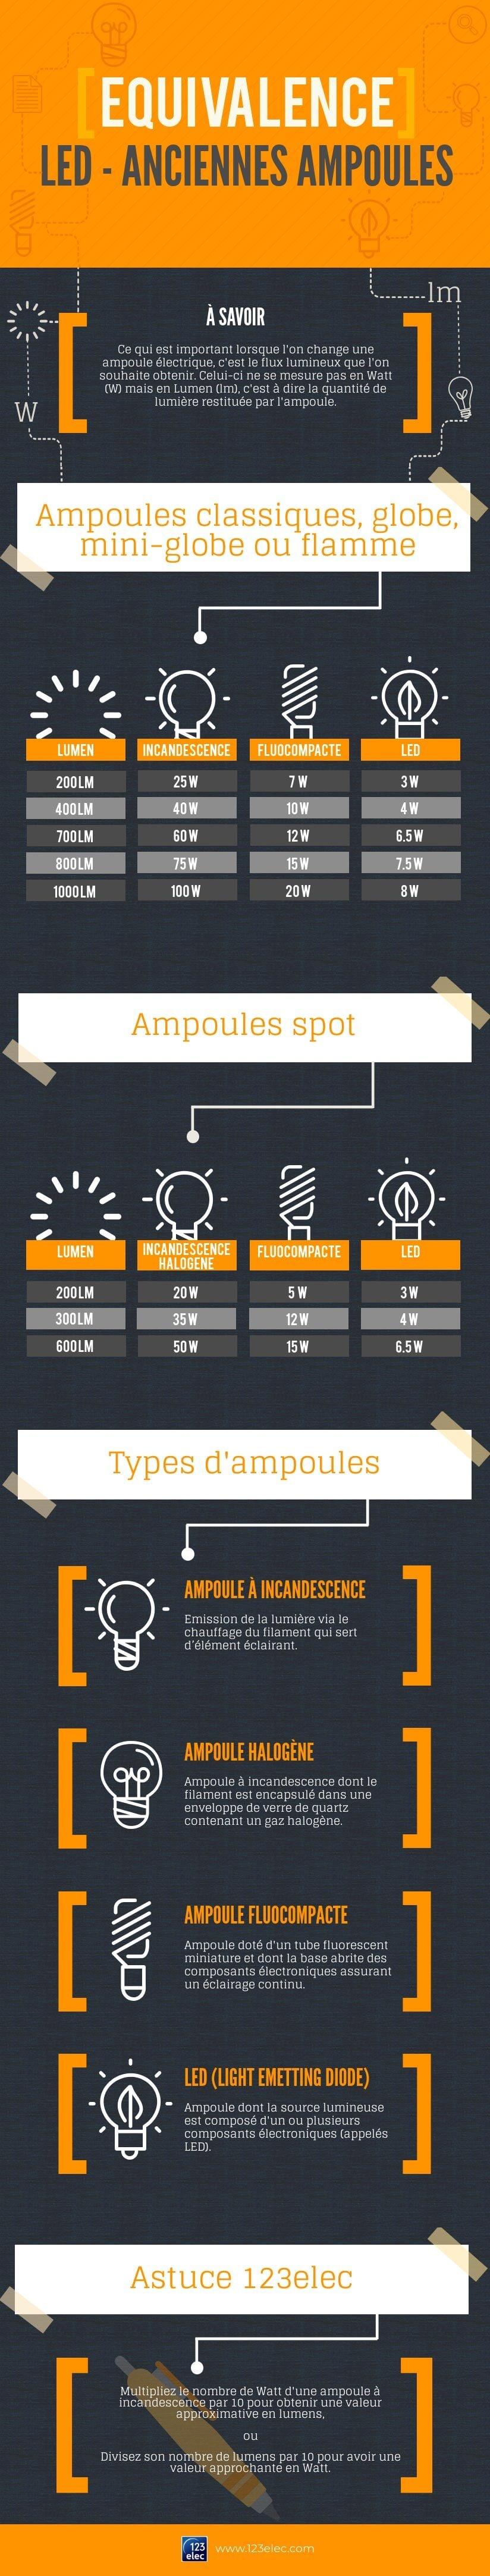 Infographie sur équivalence des ampoules LED